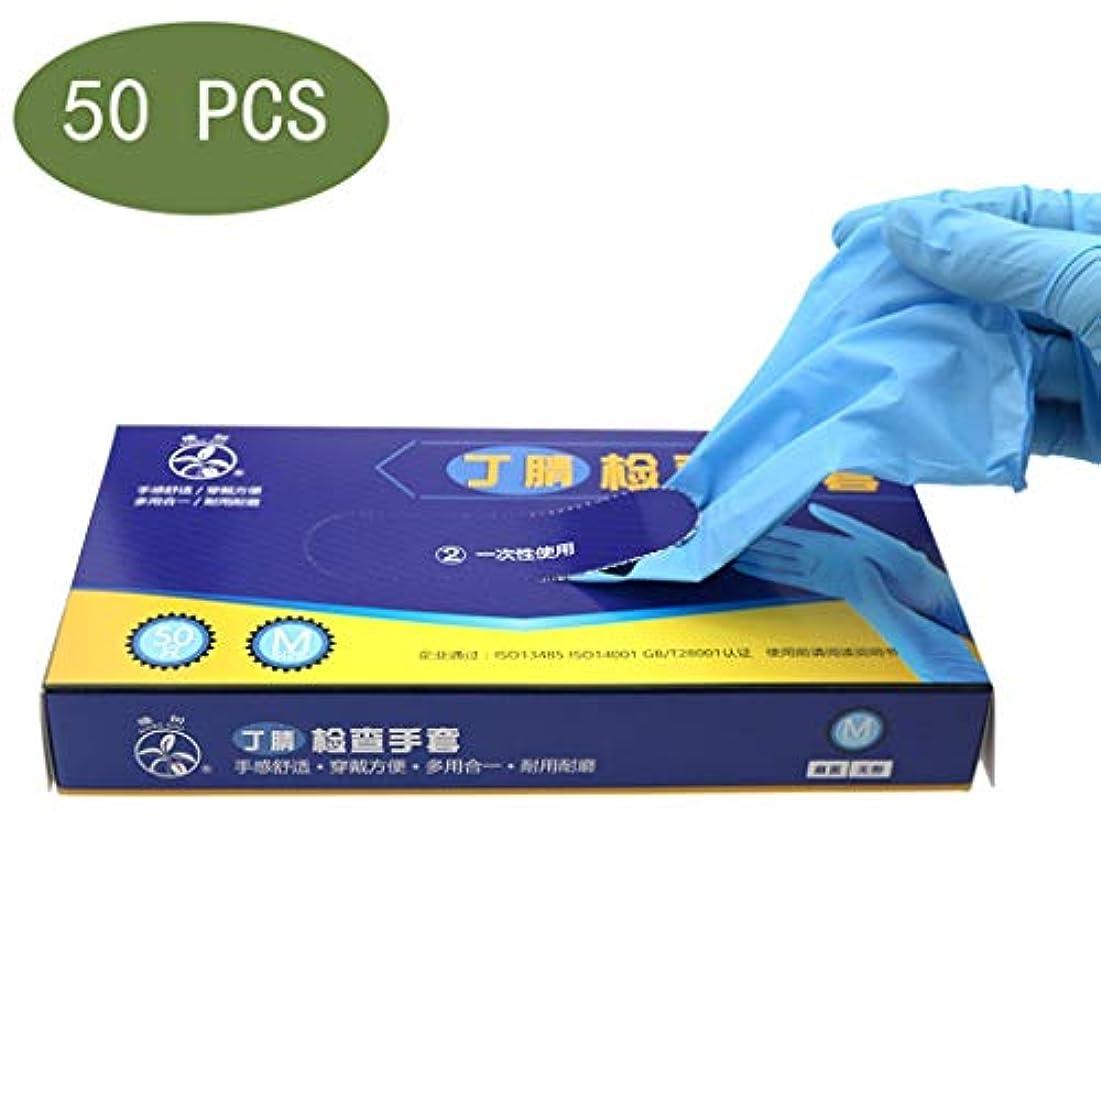 ペンダントリー膨らみ保護用使い捨てニトリル医療用手袋、4ミル、ラテックスフリー、試験グレードの手袋、テクスチャード加工、両性、非滅菌、50個入り (Size : S)